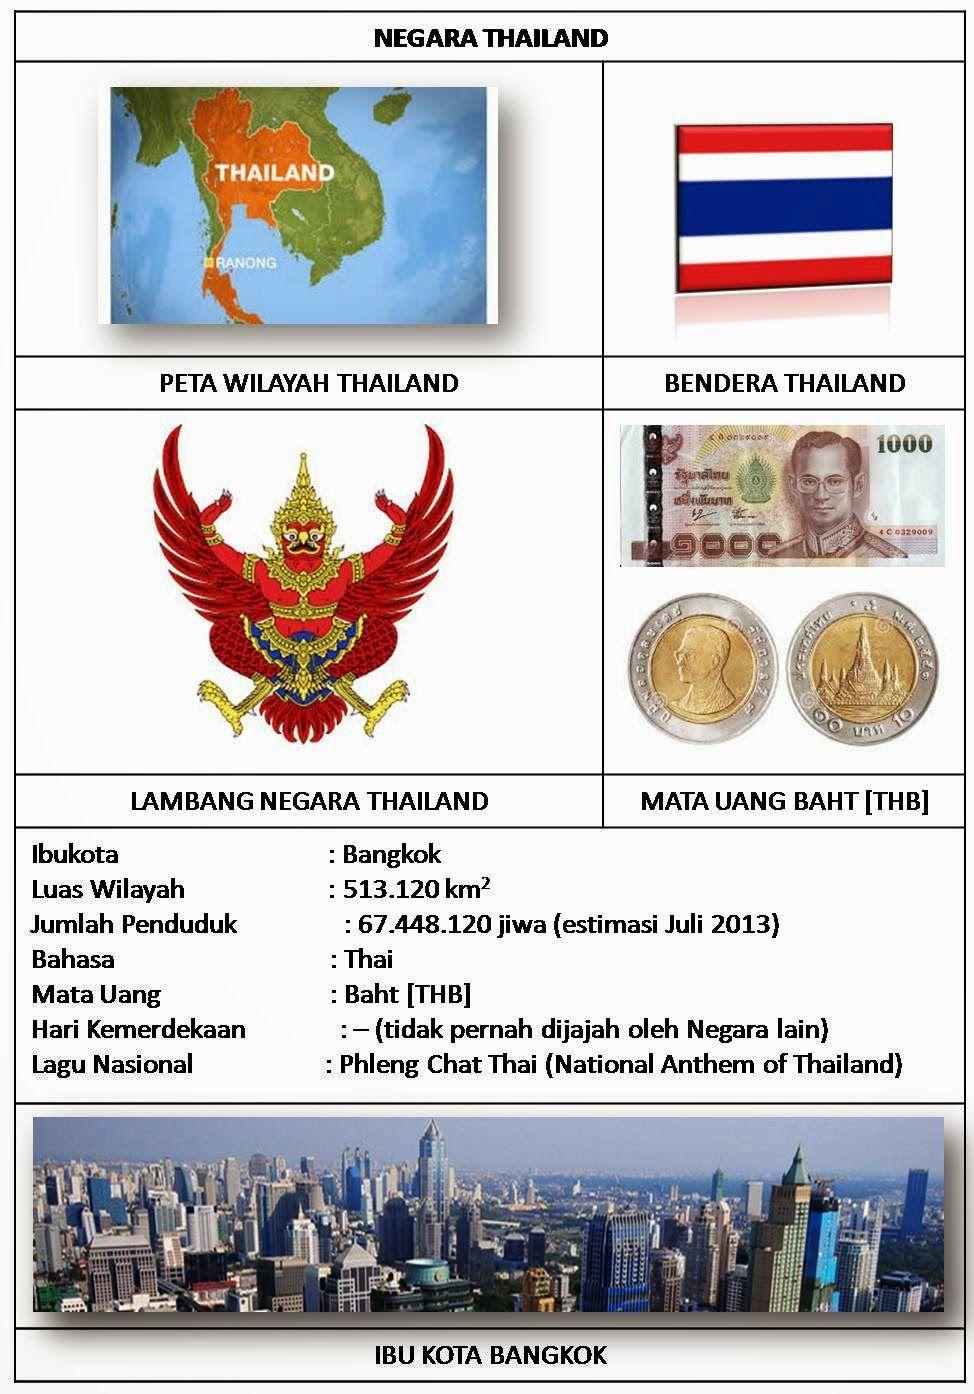 50+ Ibu kota negara laos adalah information